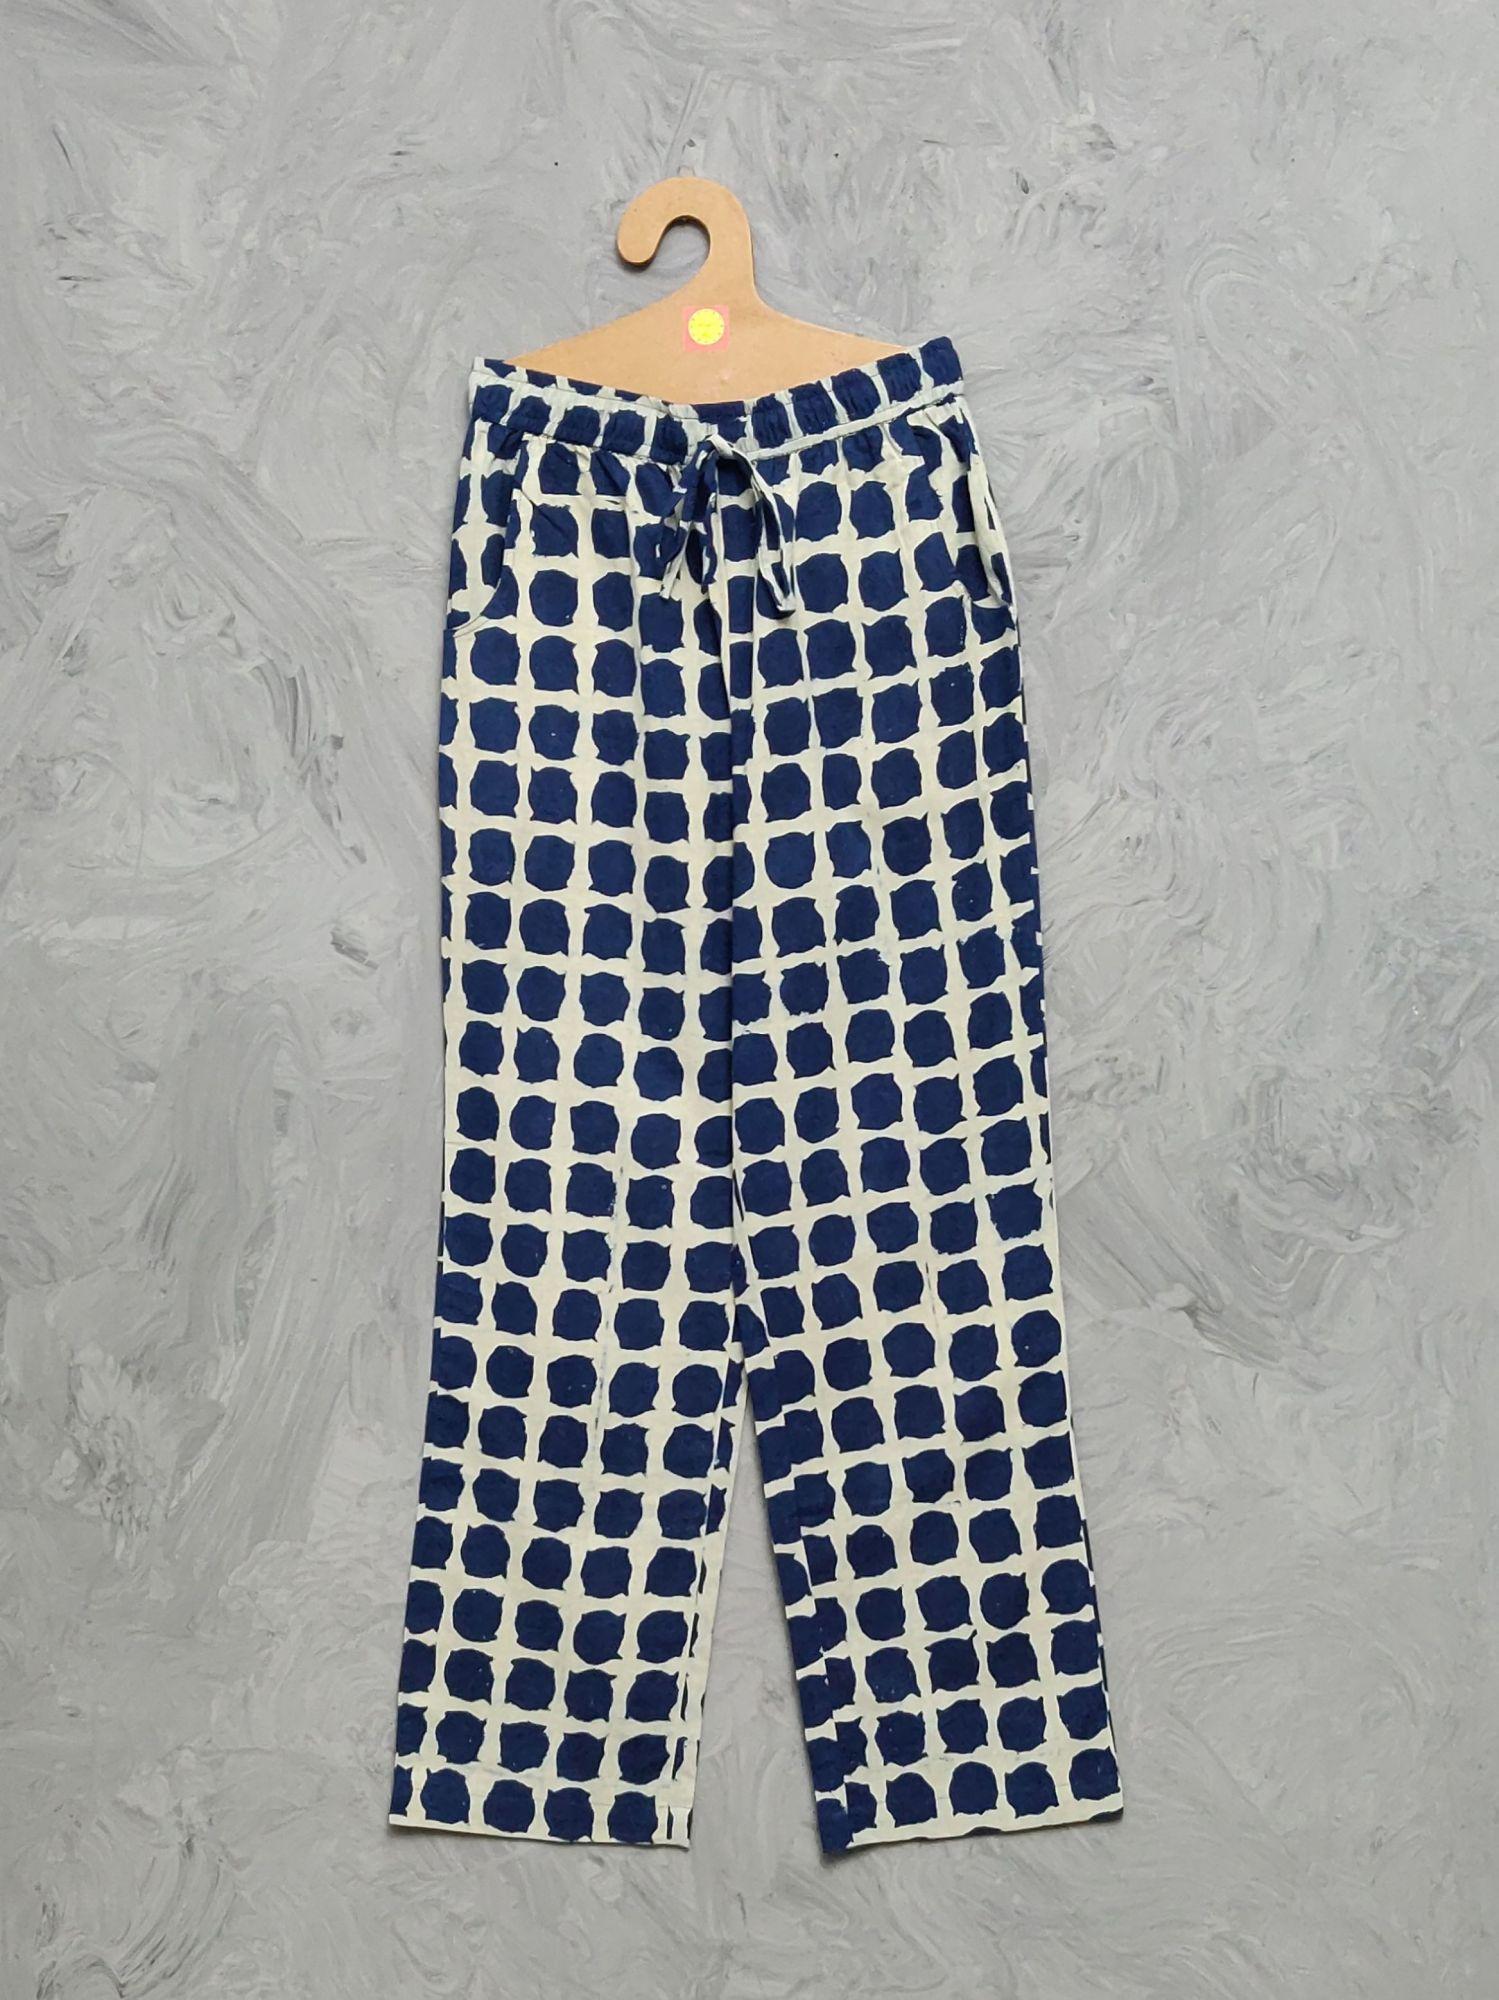 Indigo Handblock Printed Pyjama PYHBP13